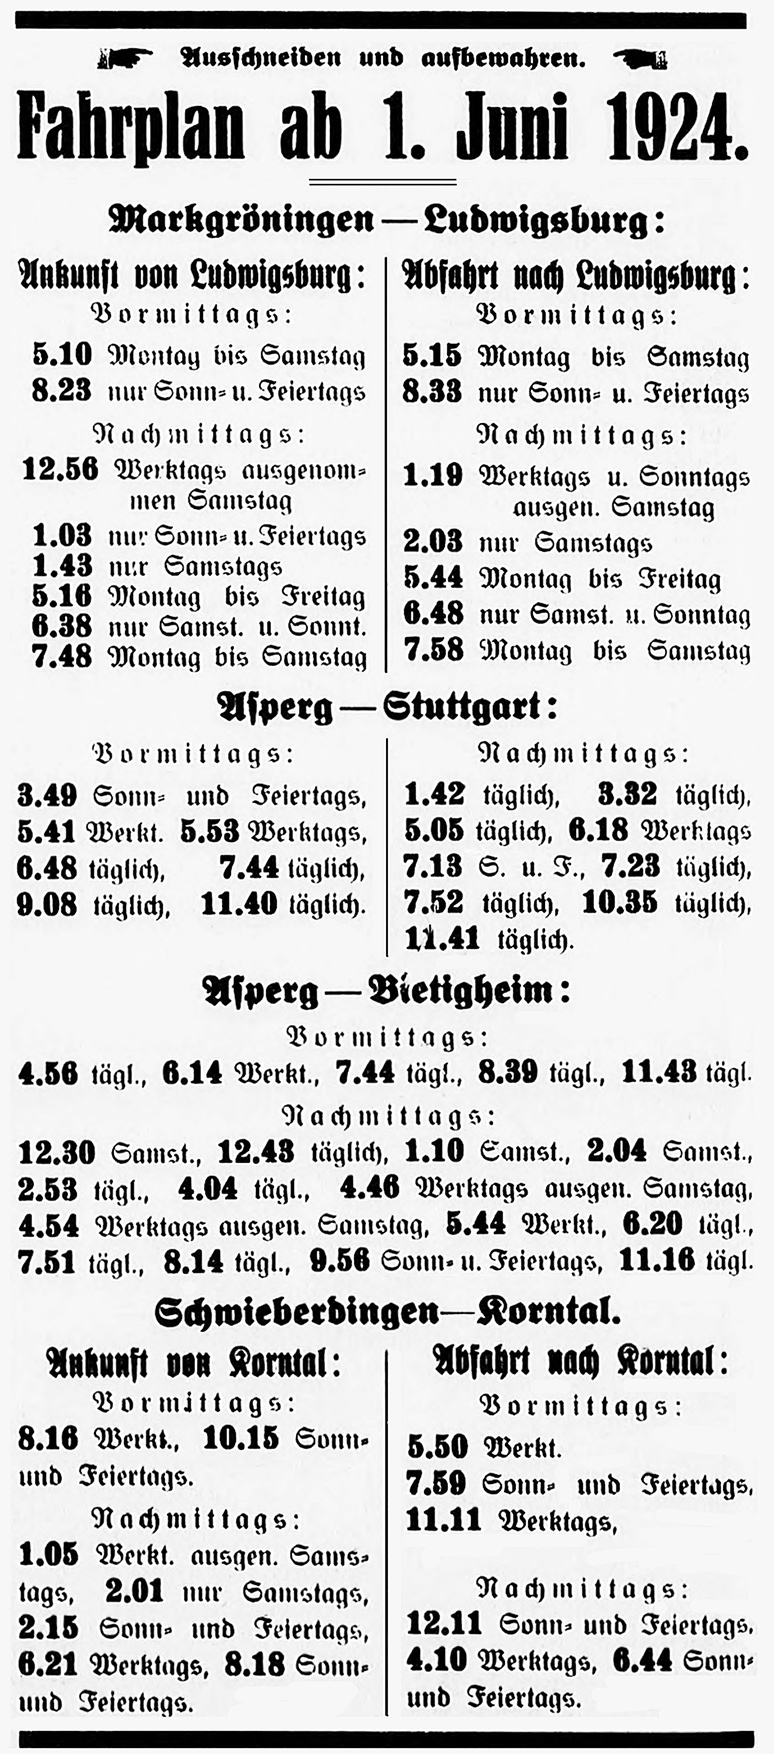 Zugfahrplan 1924